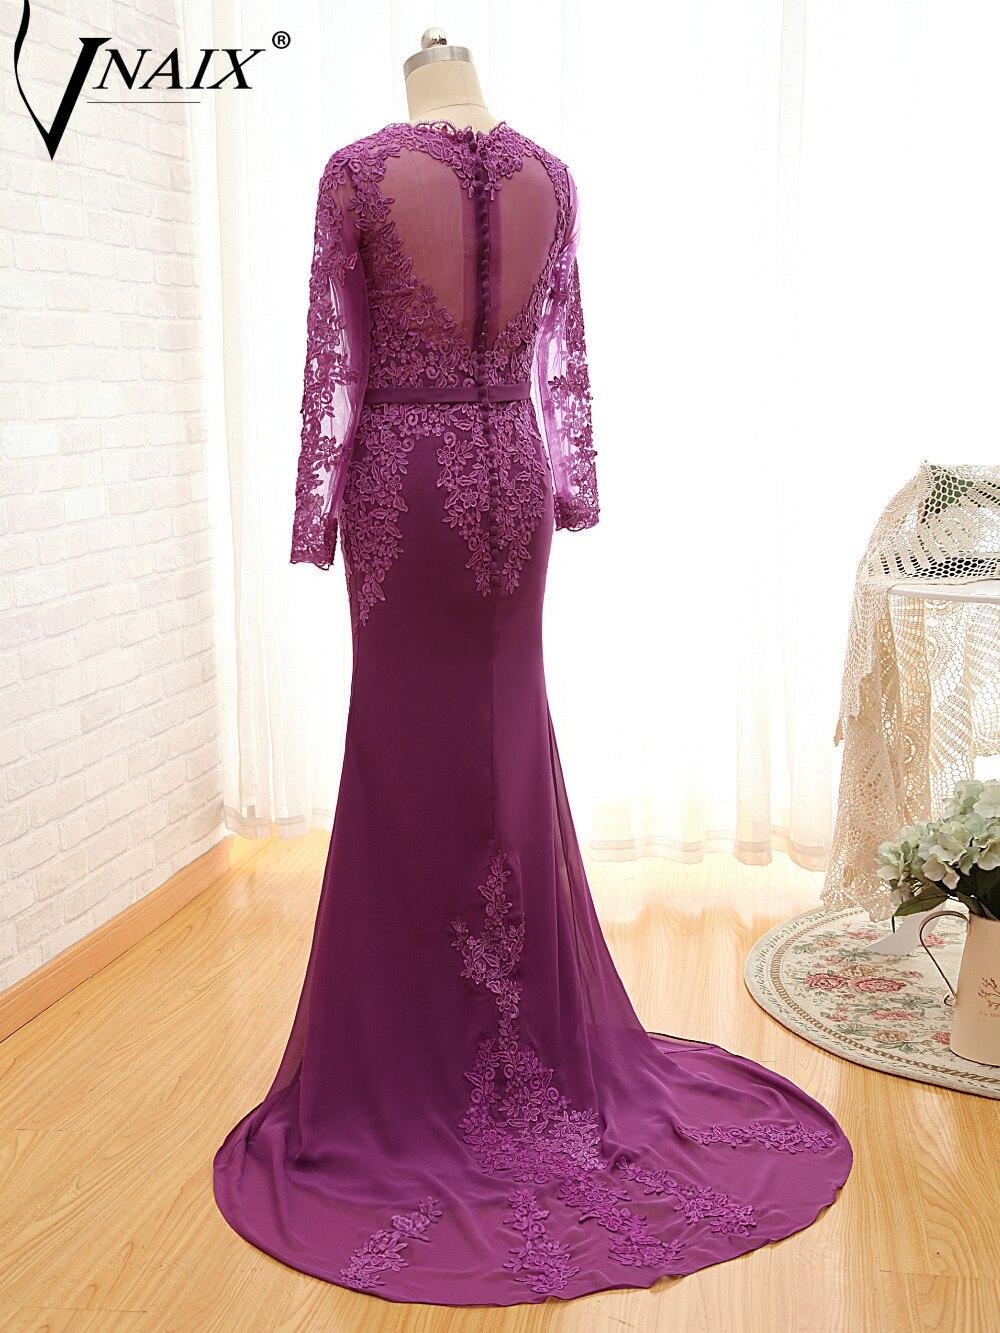 M1006 Real Photo V шеи Кружева длинным рукавом Русалка шифон мама невесты платье Пользовательские настройки